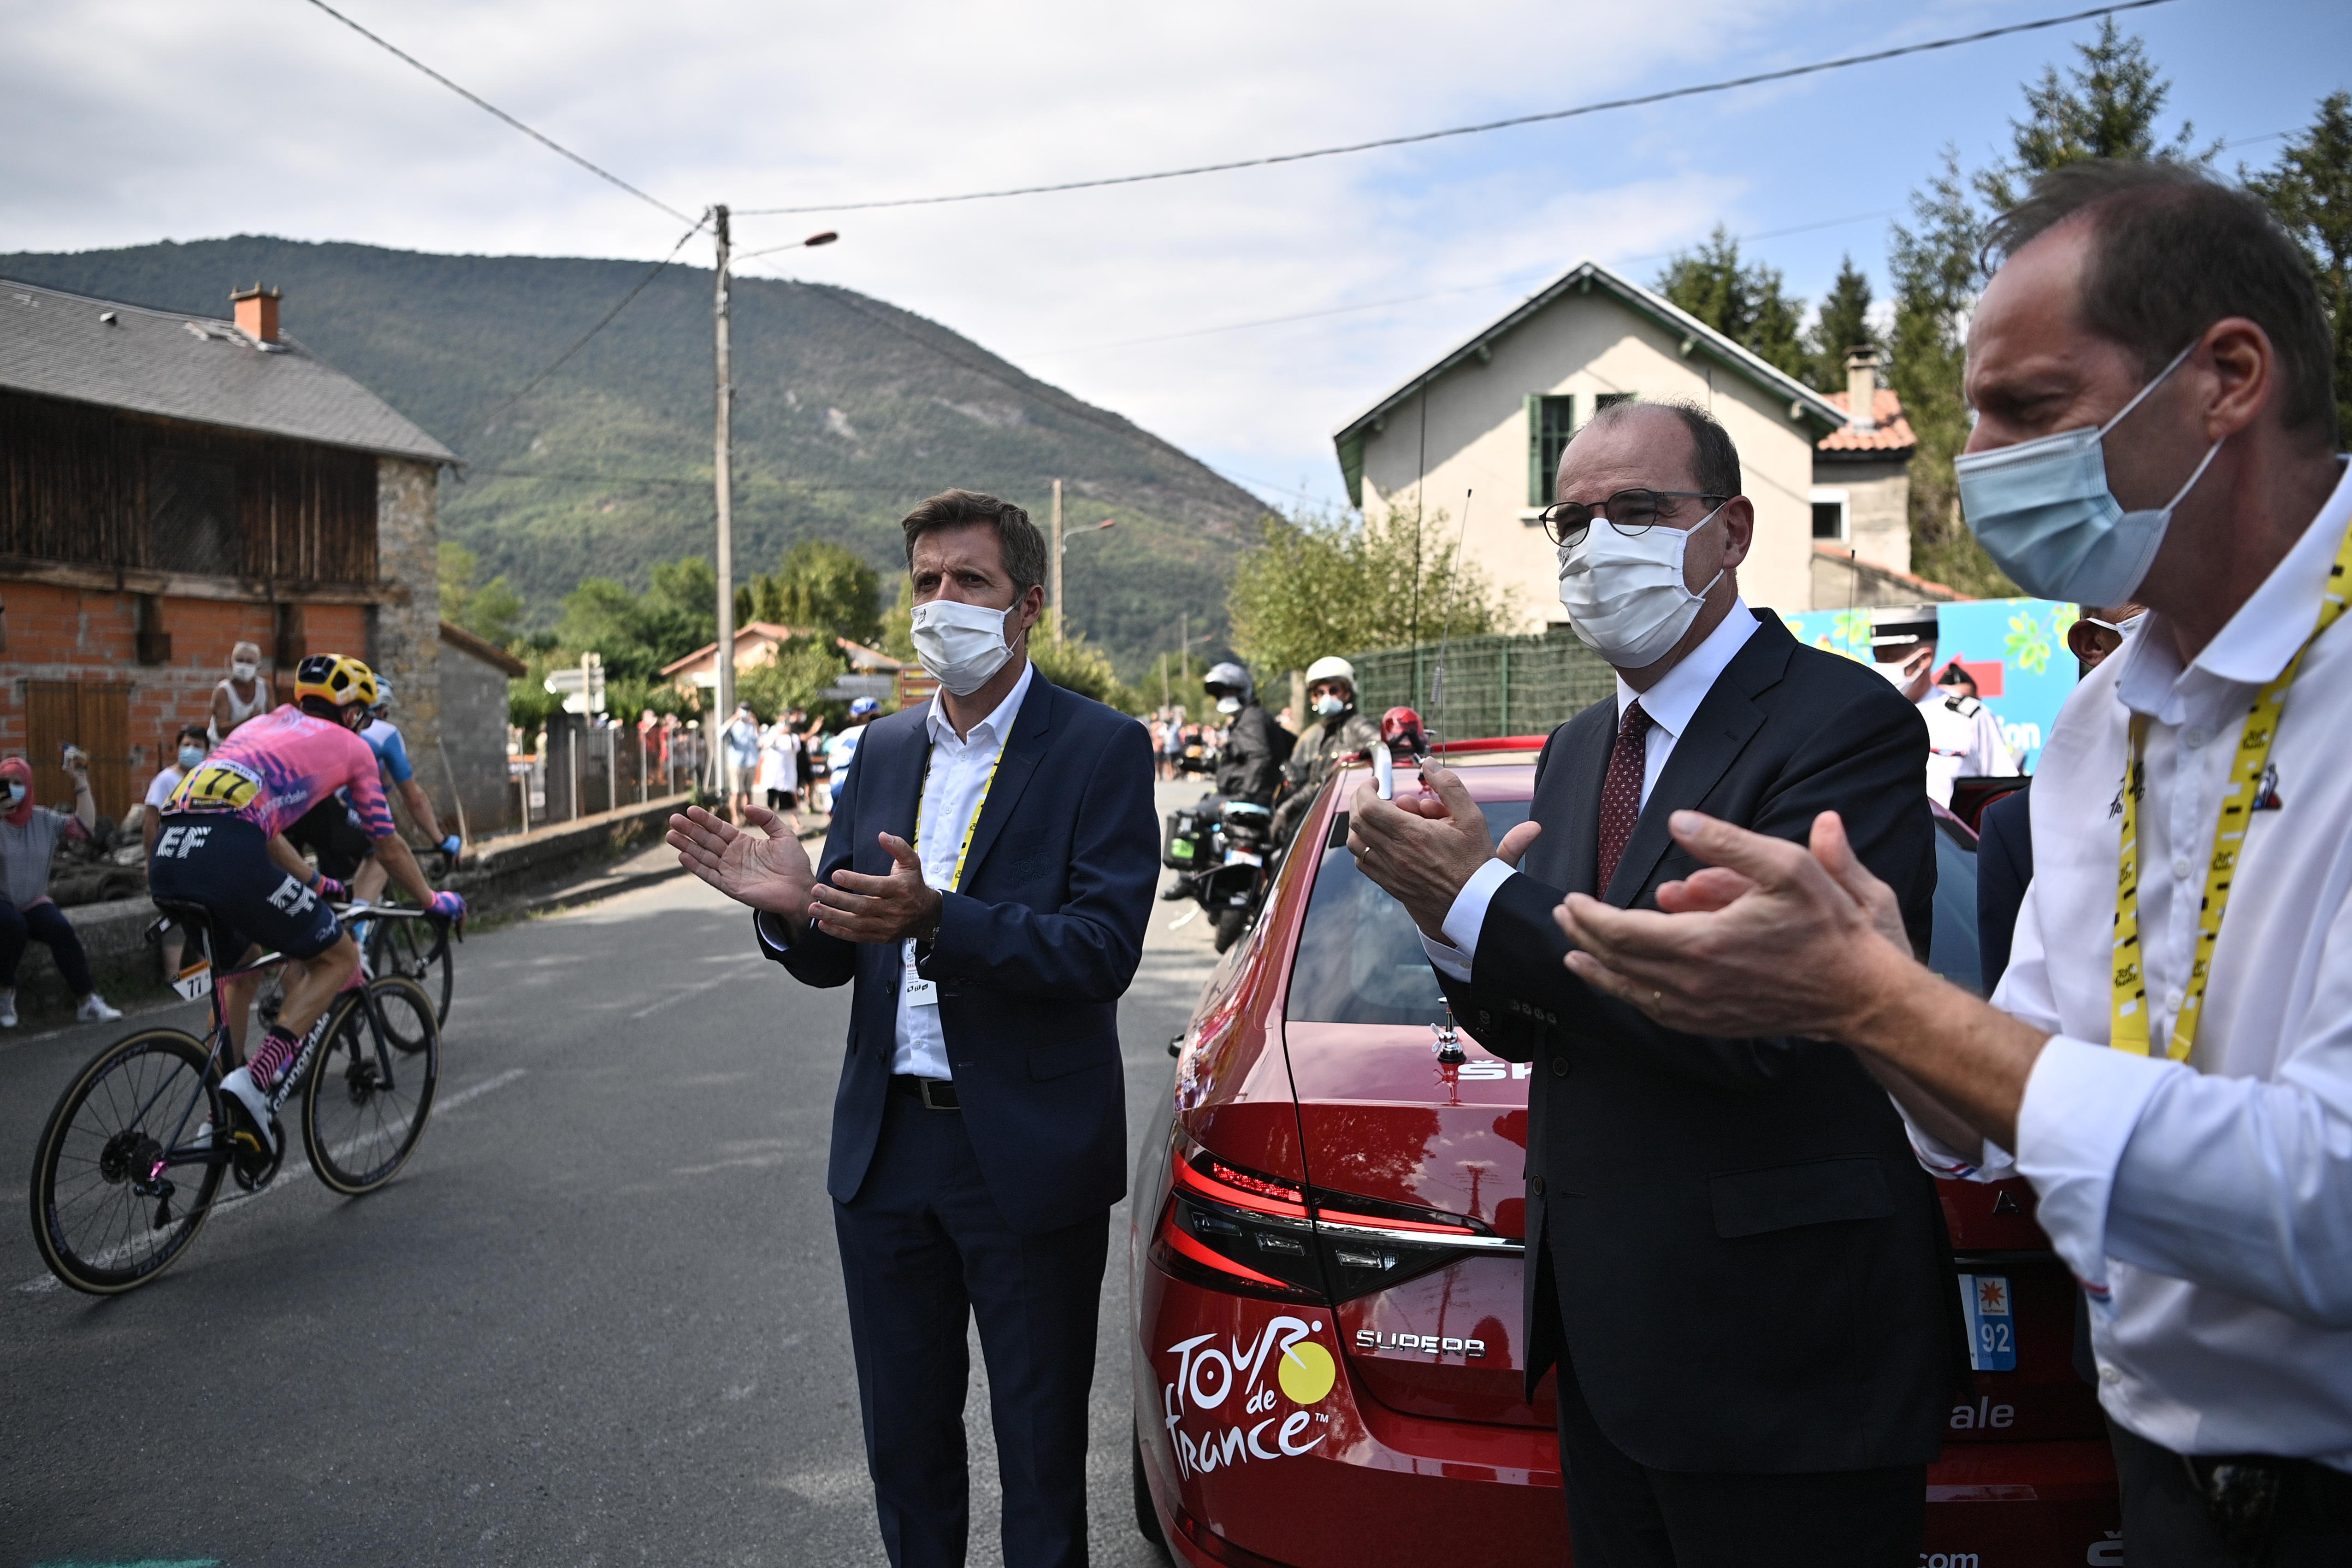 環法單車賽總監染疫 法總理接受中共病毒測試